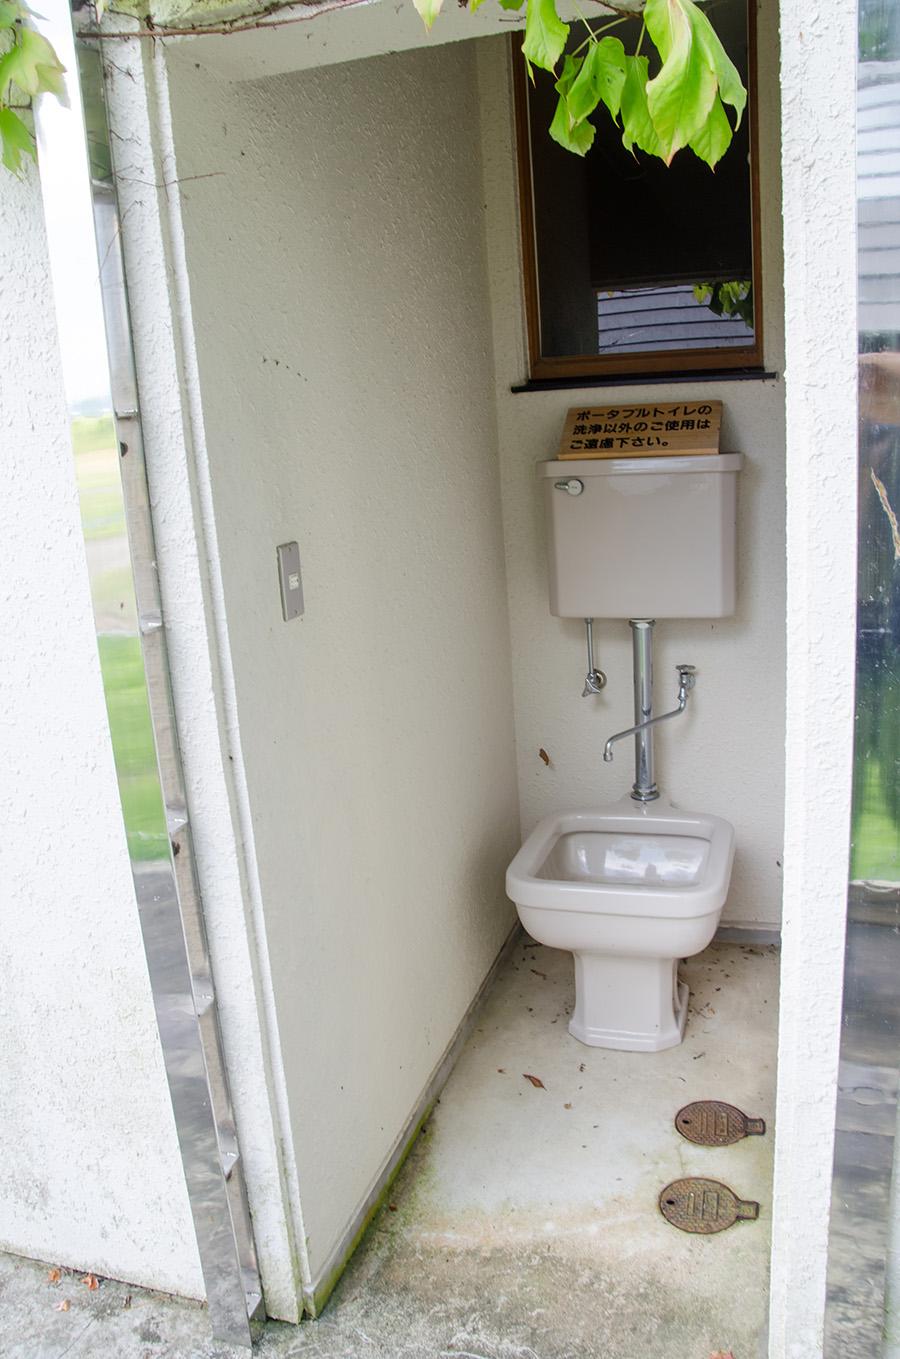 ポータブルトイレ洗浄室